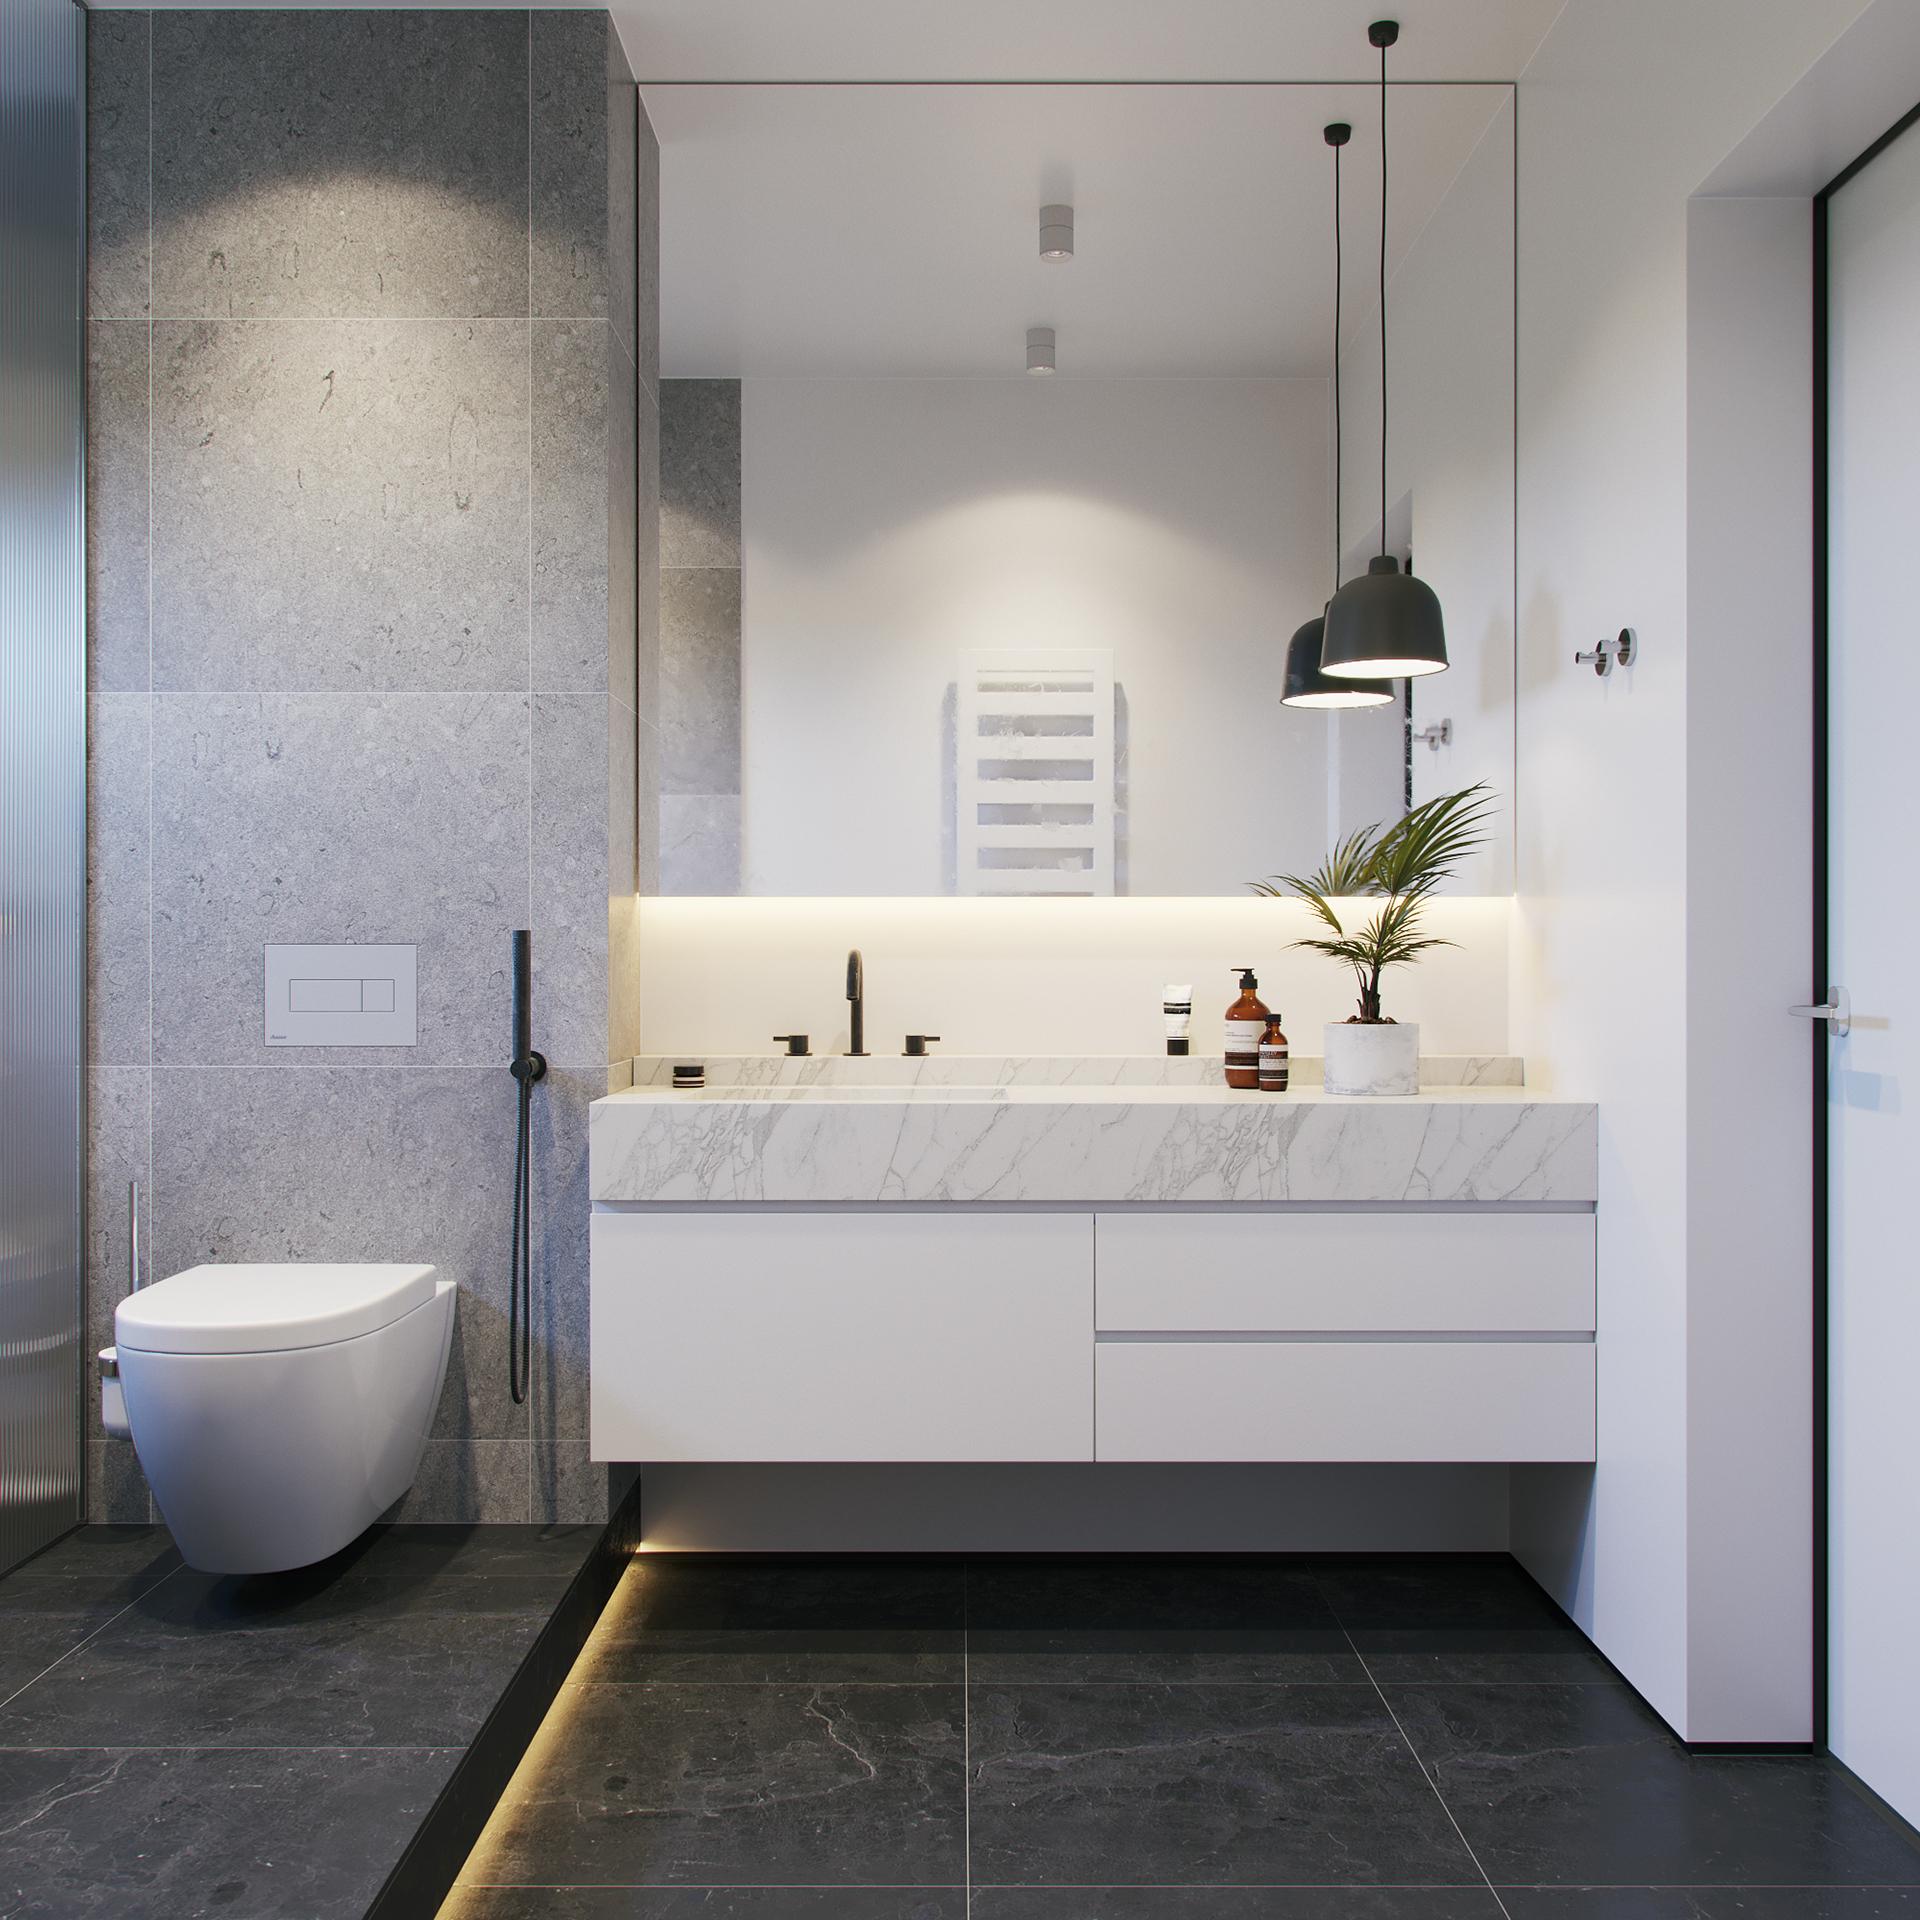 Progetto Bagno 3 Mq come arredare un bagno piccolo: 7 segreti dell'architetto